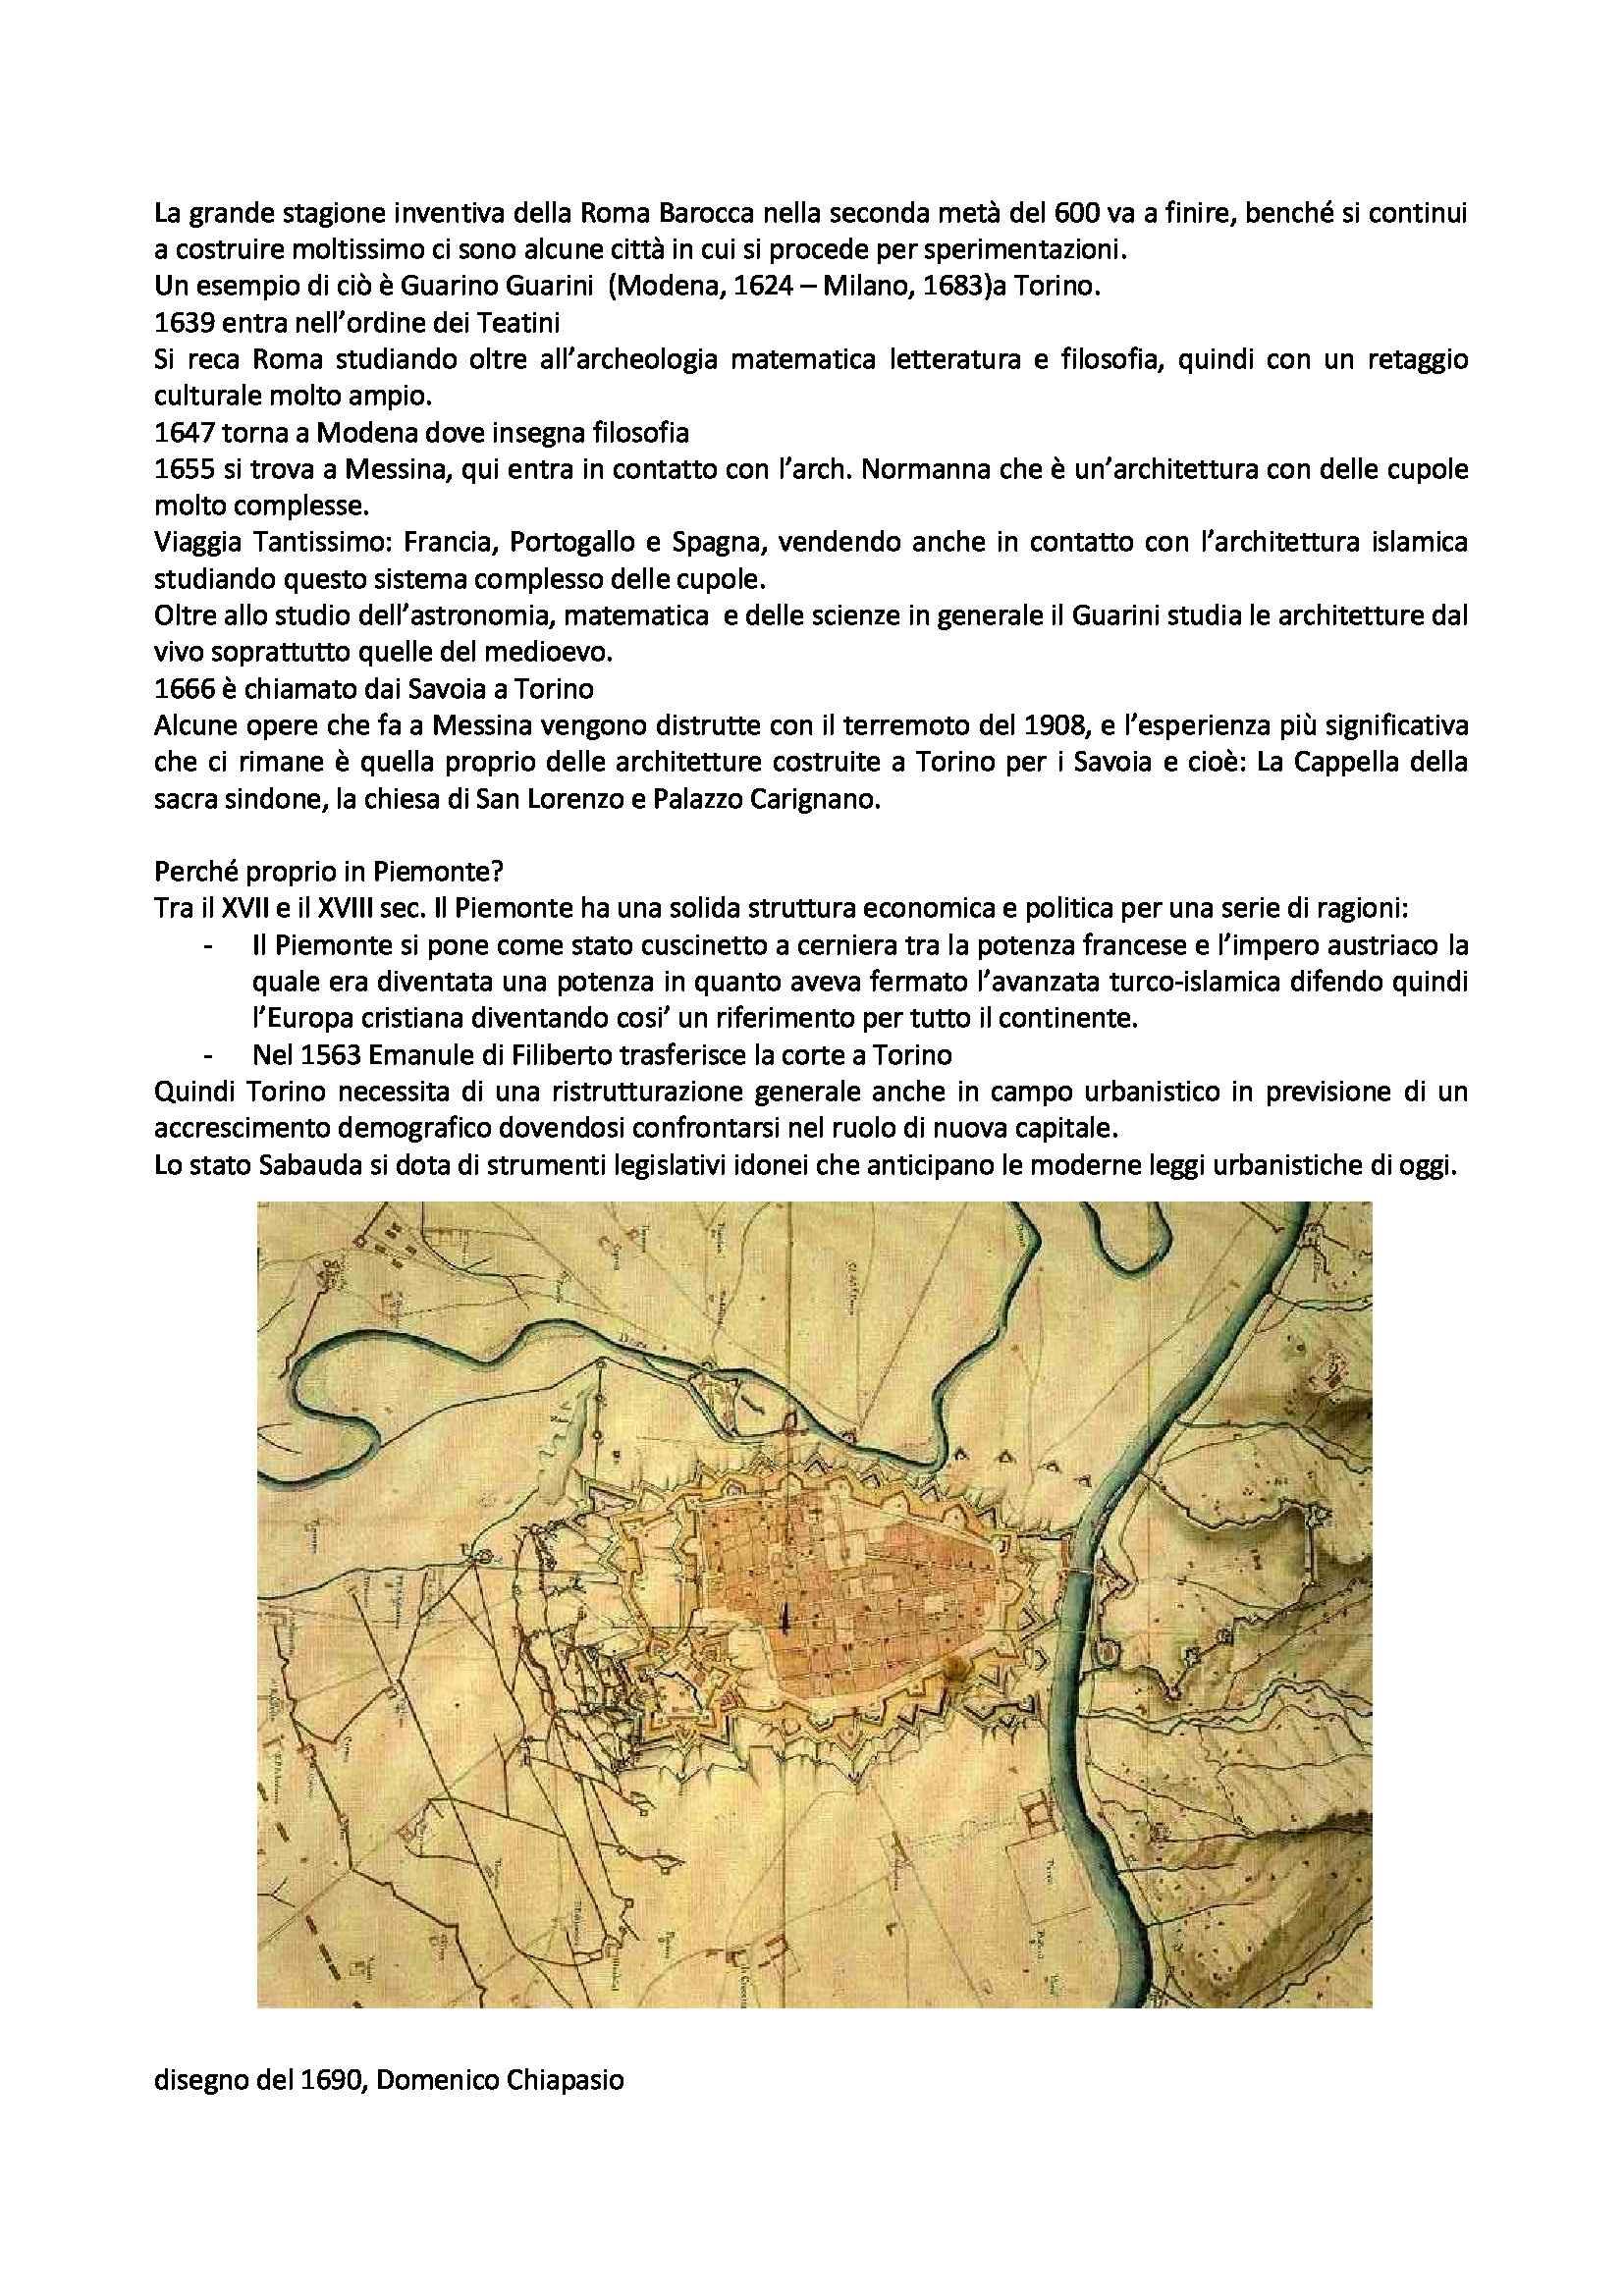 Storia dell'architettura moderna e contemporanea - Guarino Guarini